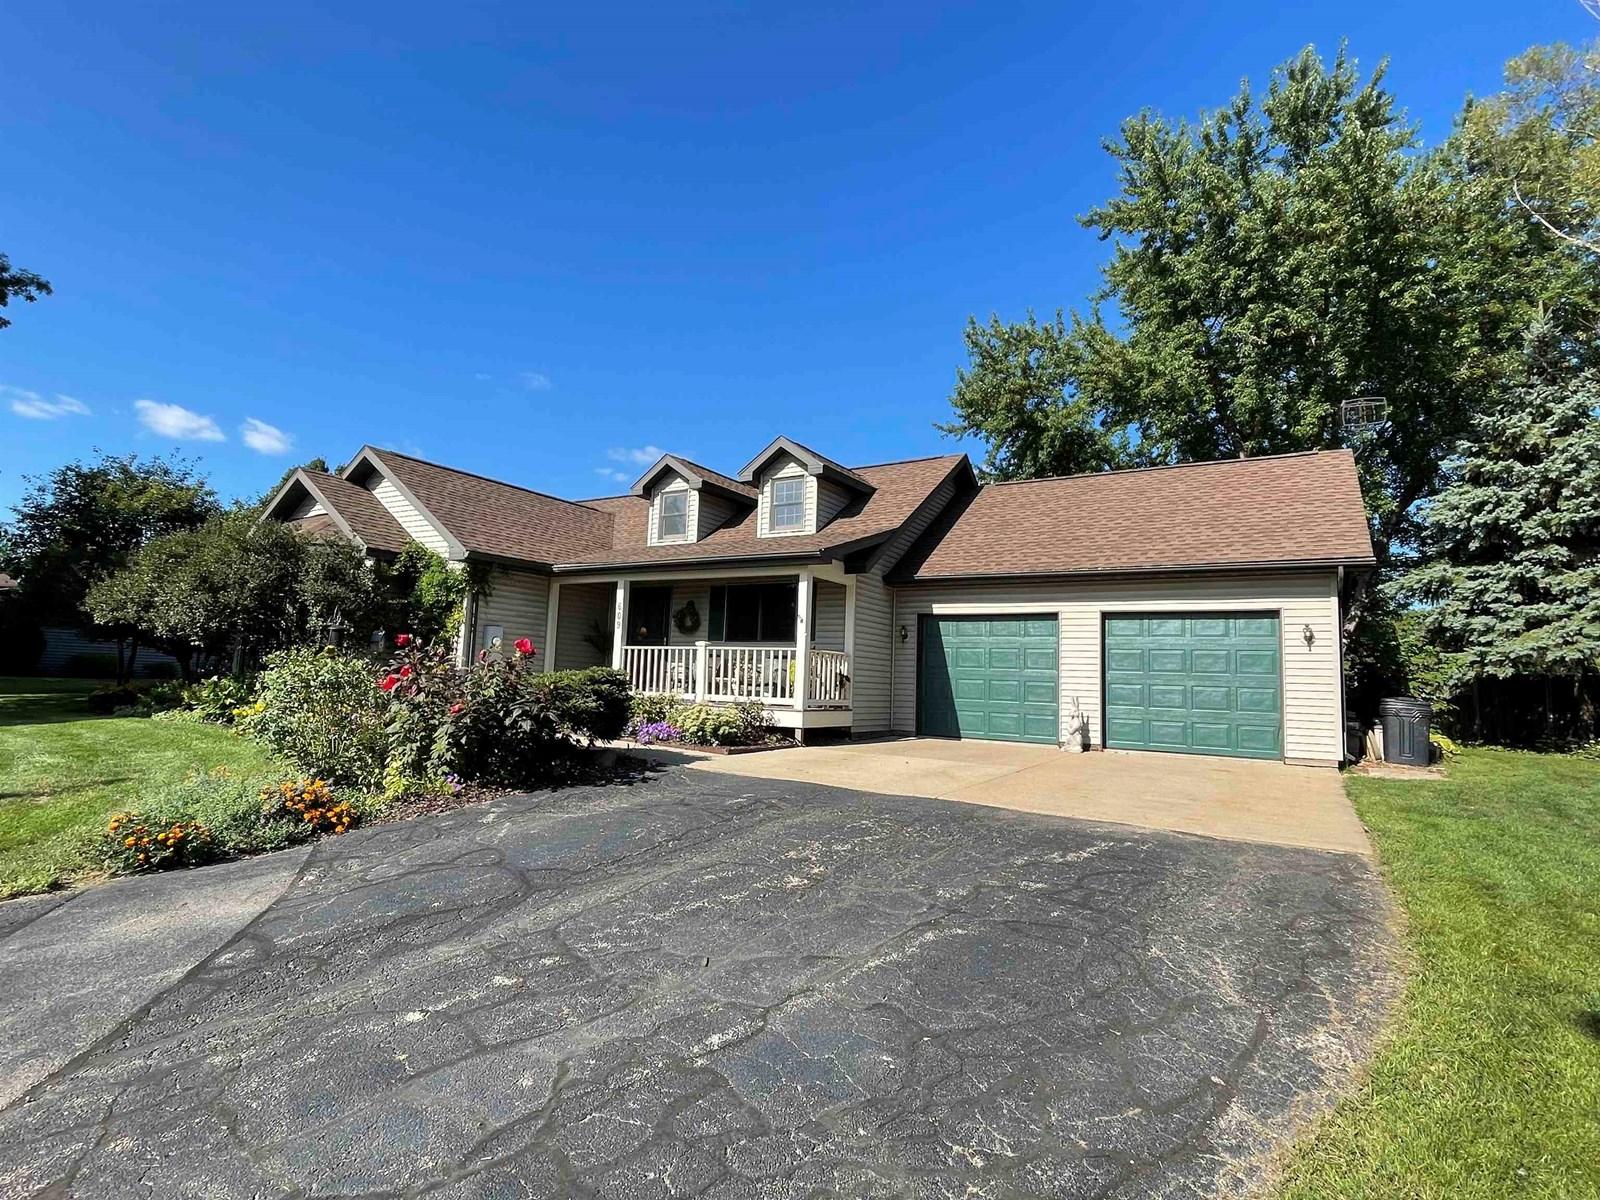 Home in for sale in Galena Il